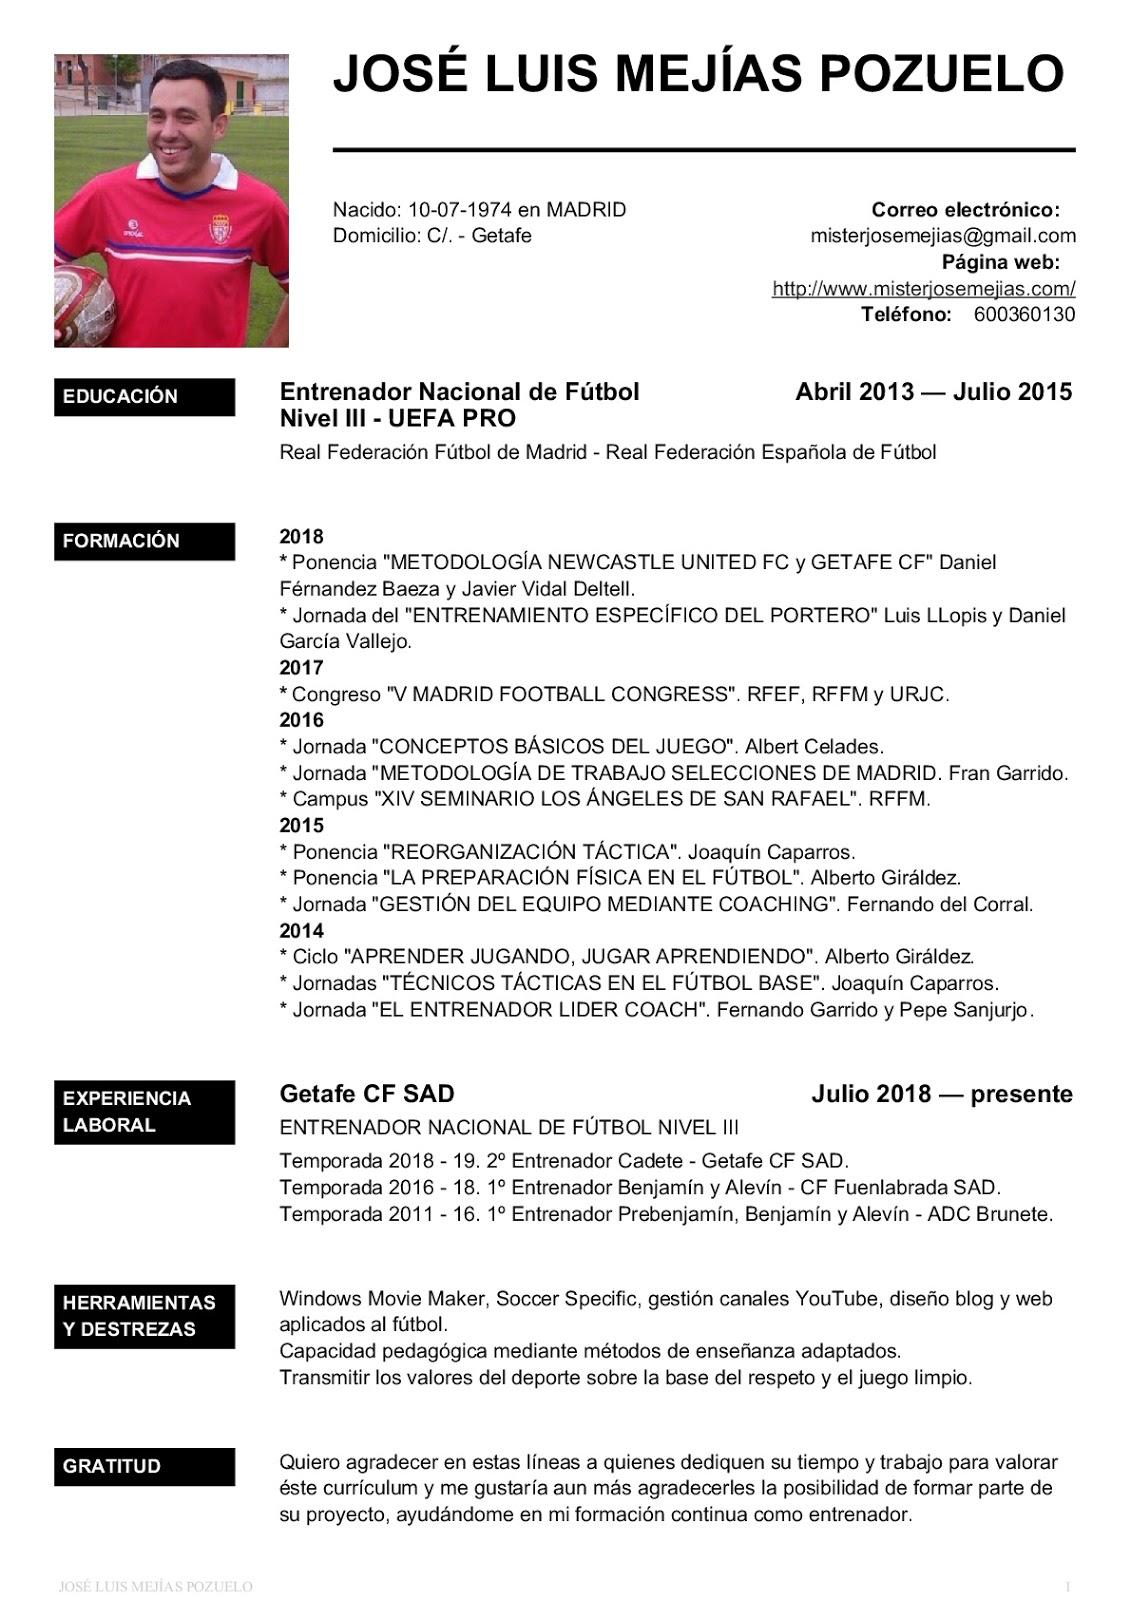 Excelente Imagen Para Muestra De Currículum Imagen - Colección De ...